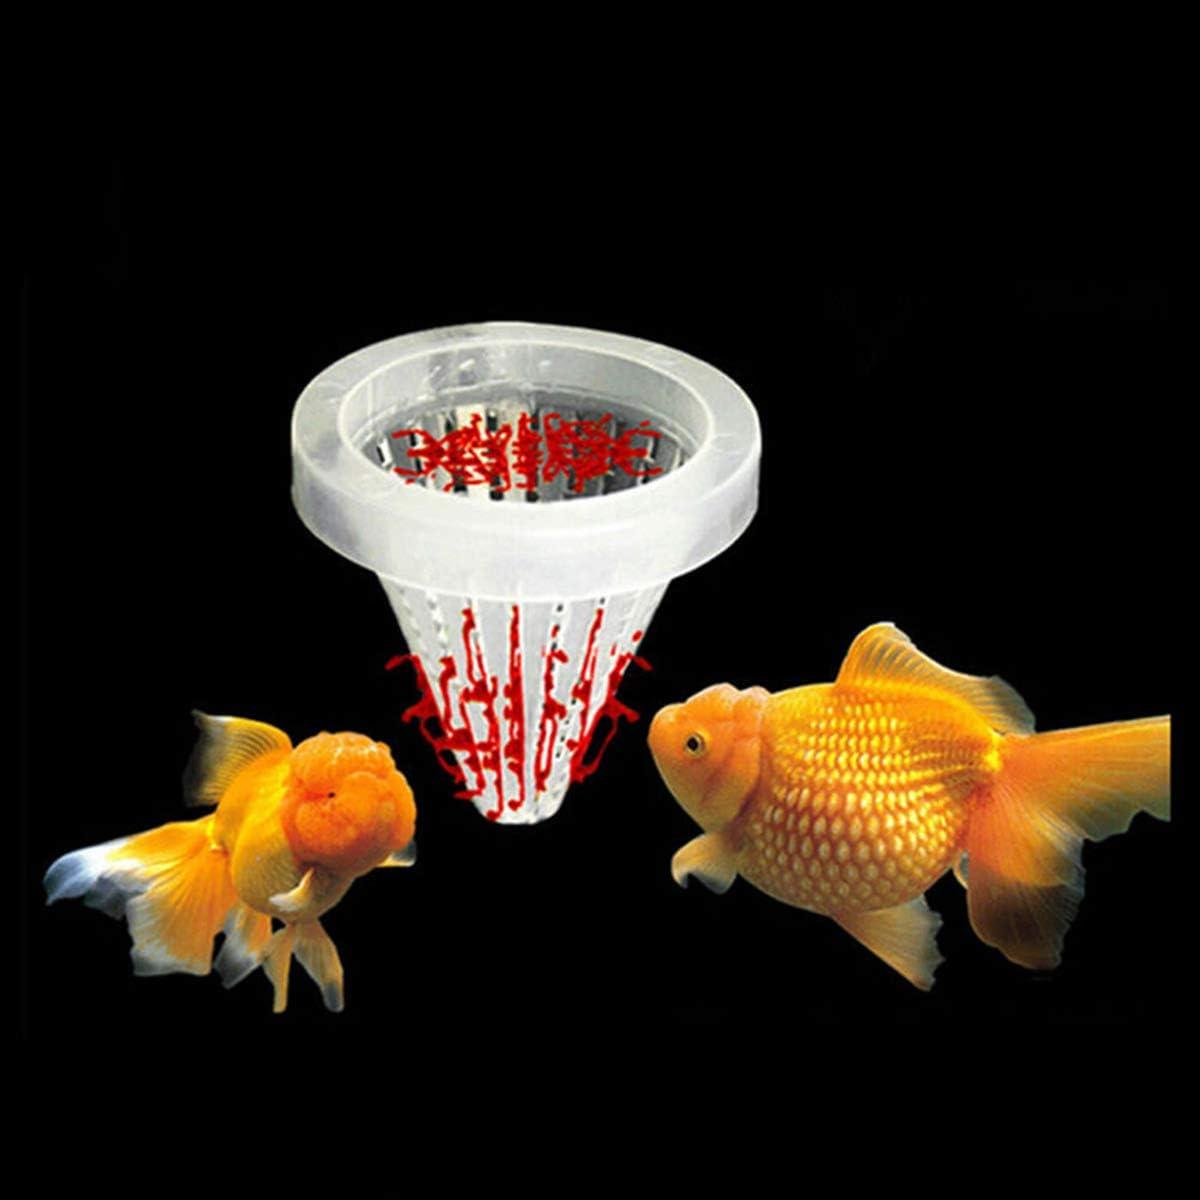 Colore Casuale della Ventosa POPETPOP 20pcs Acquario alimentatori Automatici Rosso Verme bloodworm Cibo per Pesci Alimentatore Cono con Ventosa